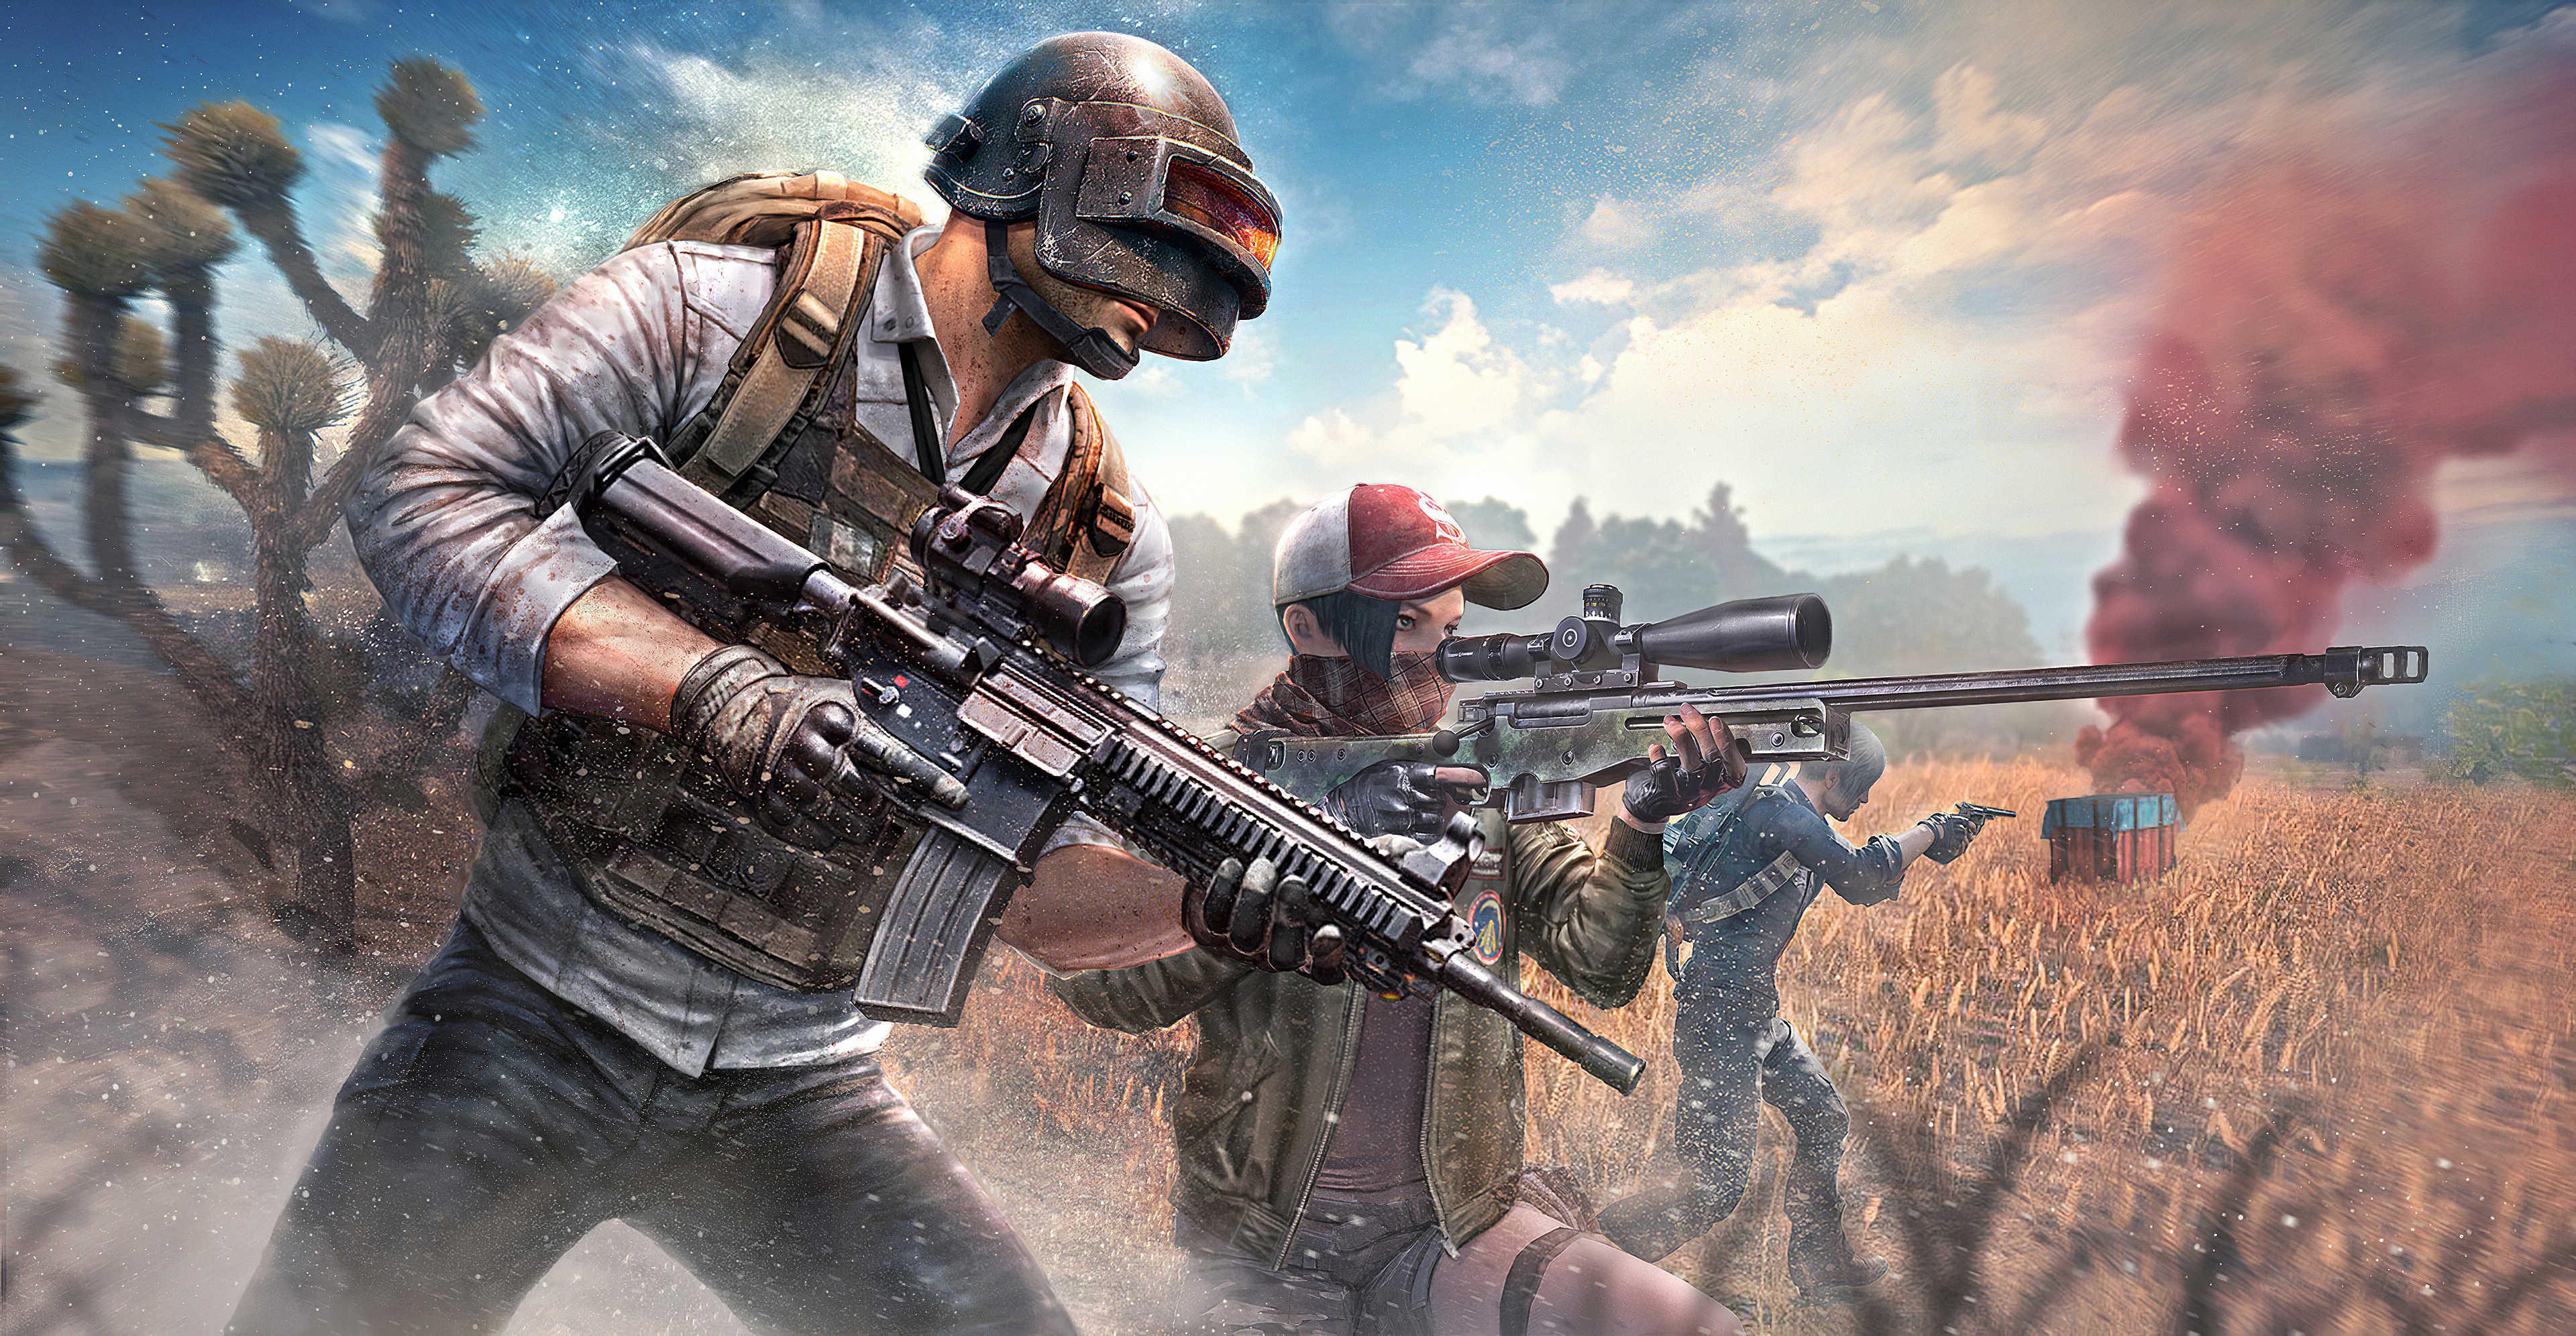 Playerunknowns Battlegrounds Hd 4k Wallpapers Games